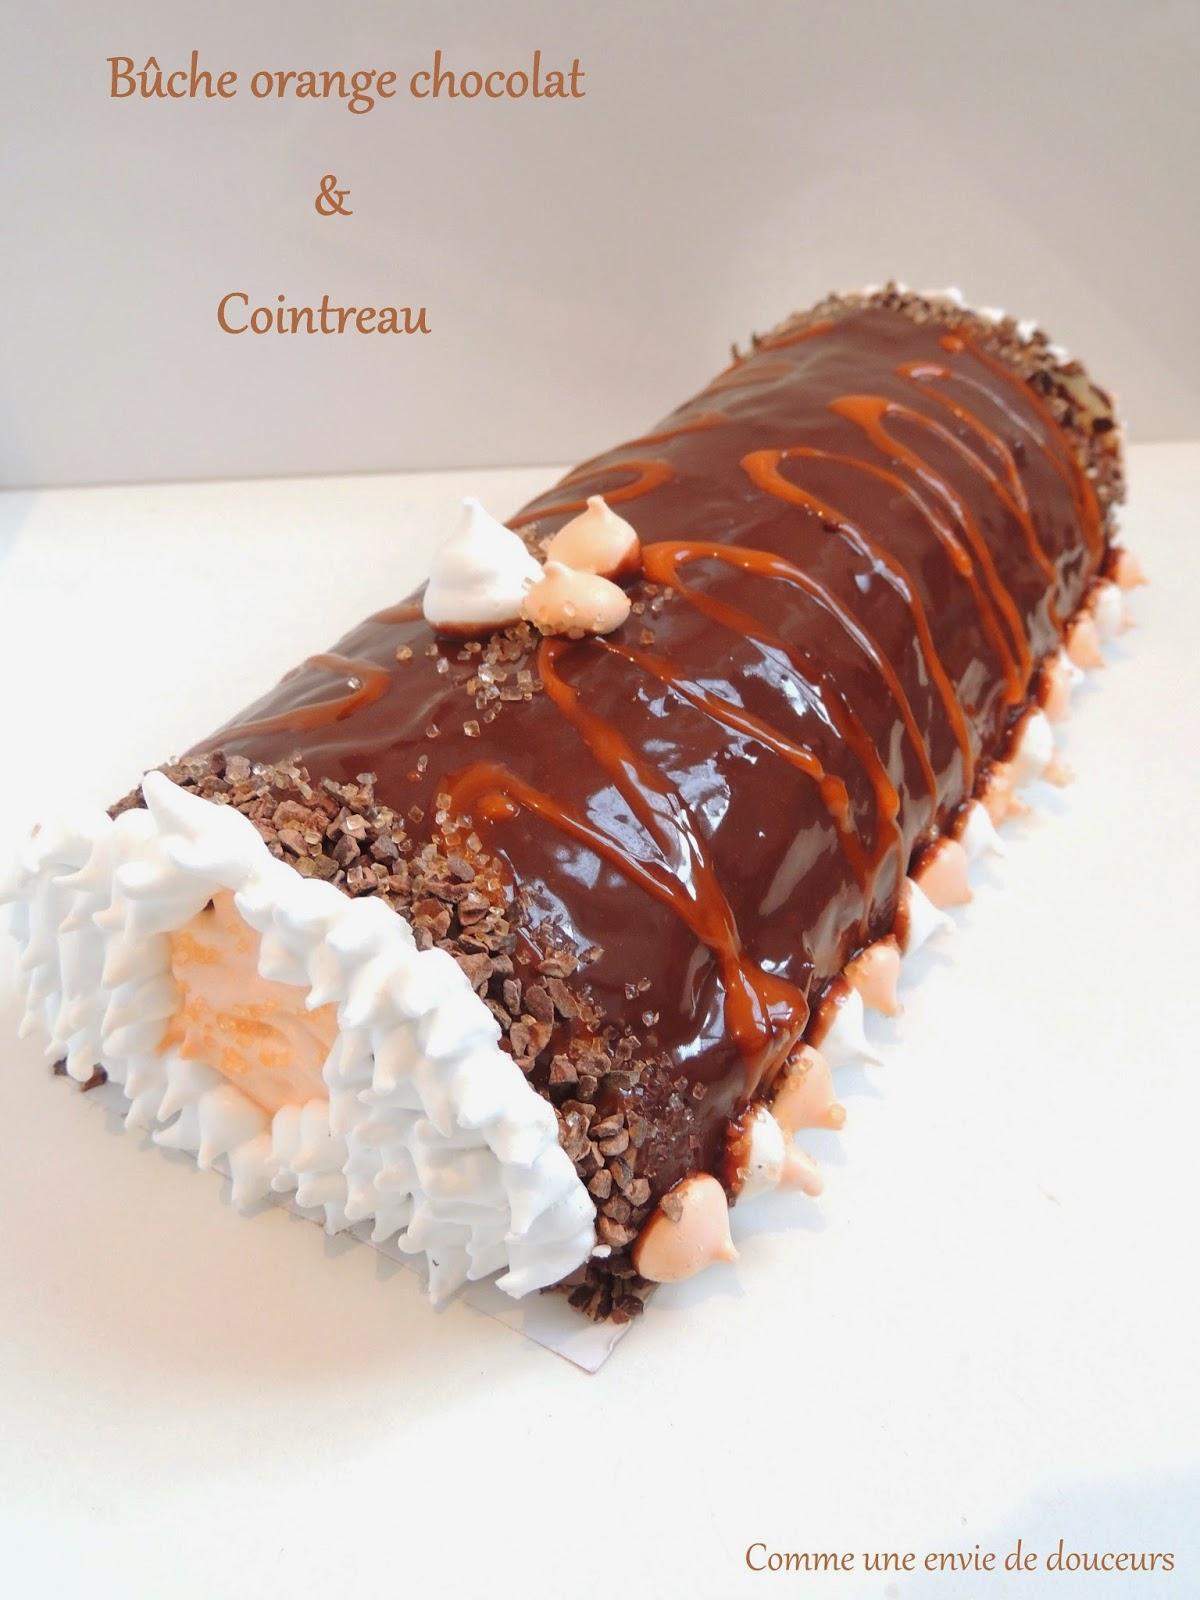 Bûche roulée chocolat orange & Cointreau – Rolled log orange chocolate & Cointreau